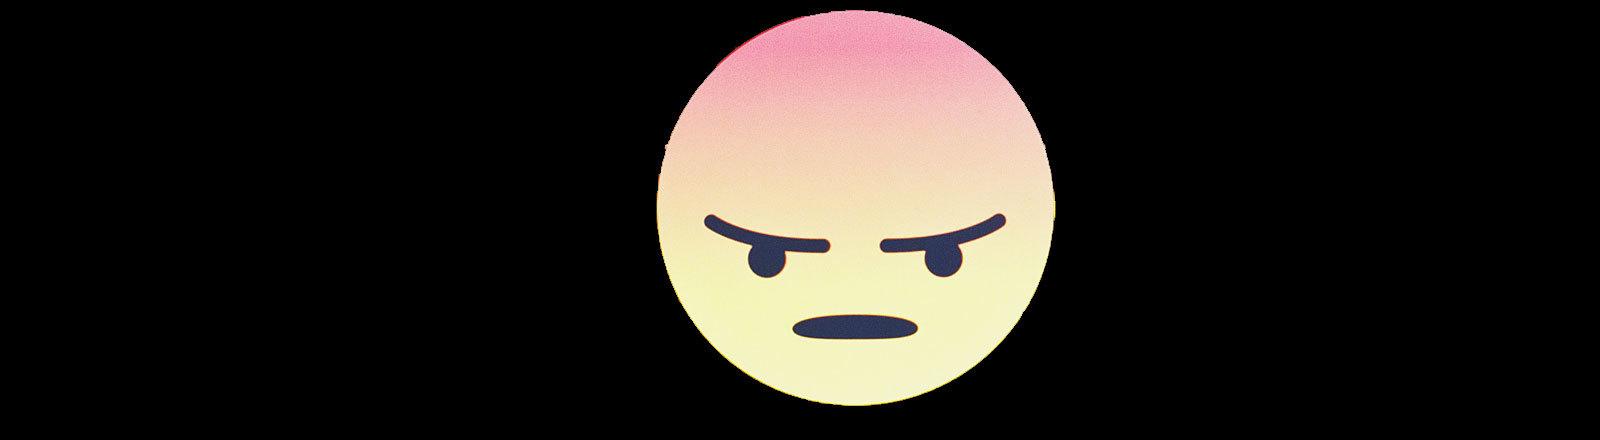 Wut Ärger Emoji